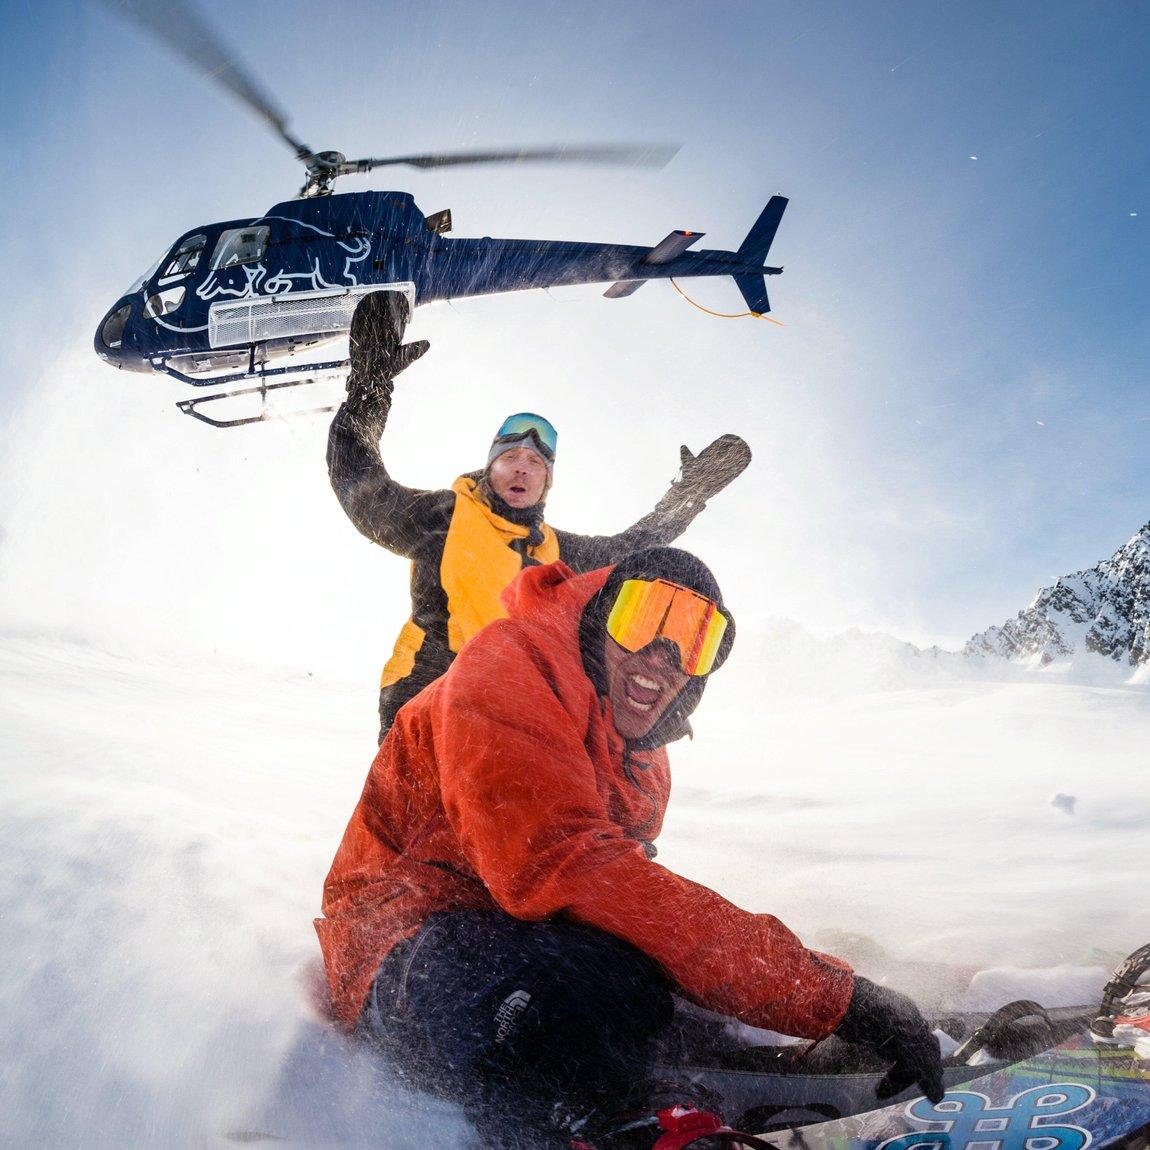 Cuáles Son Los Beneficios de los Deportes de Nieve Según RedBull